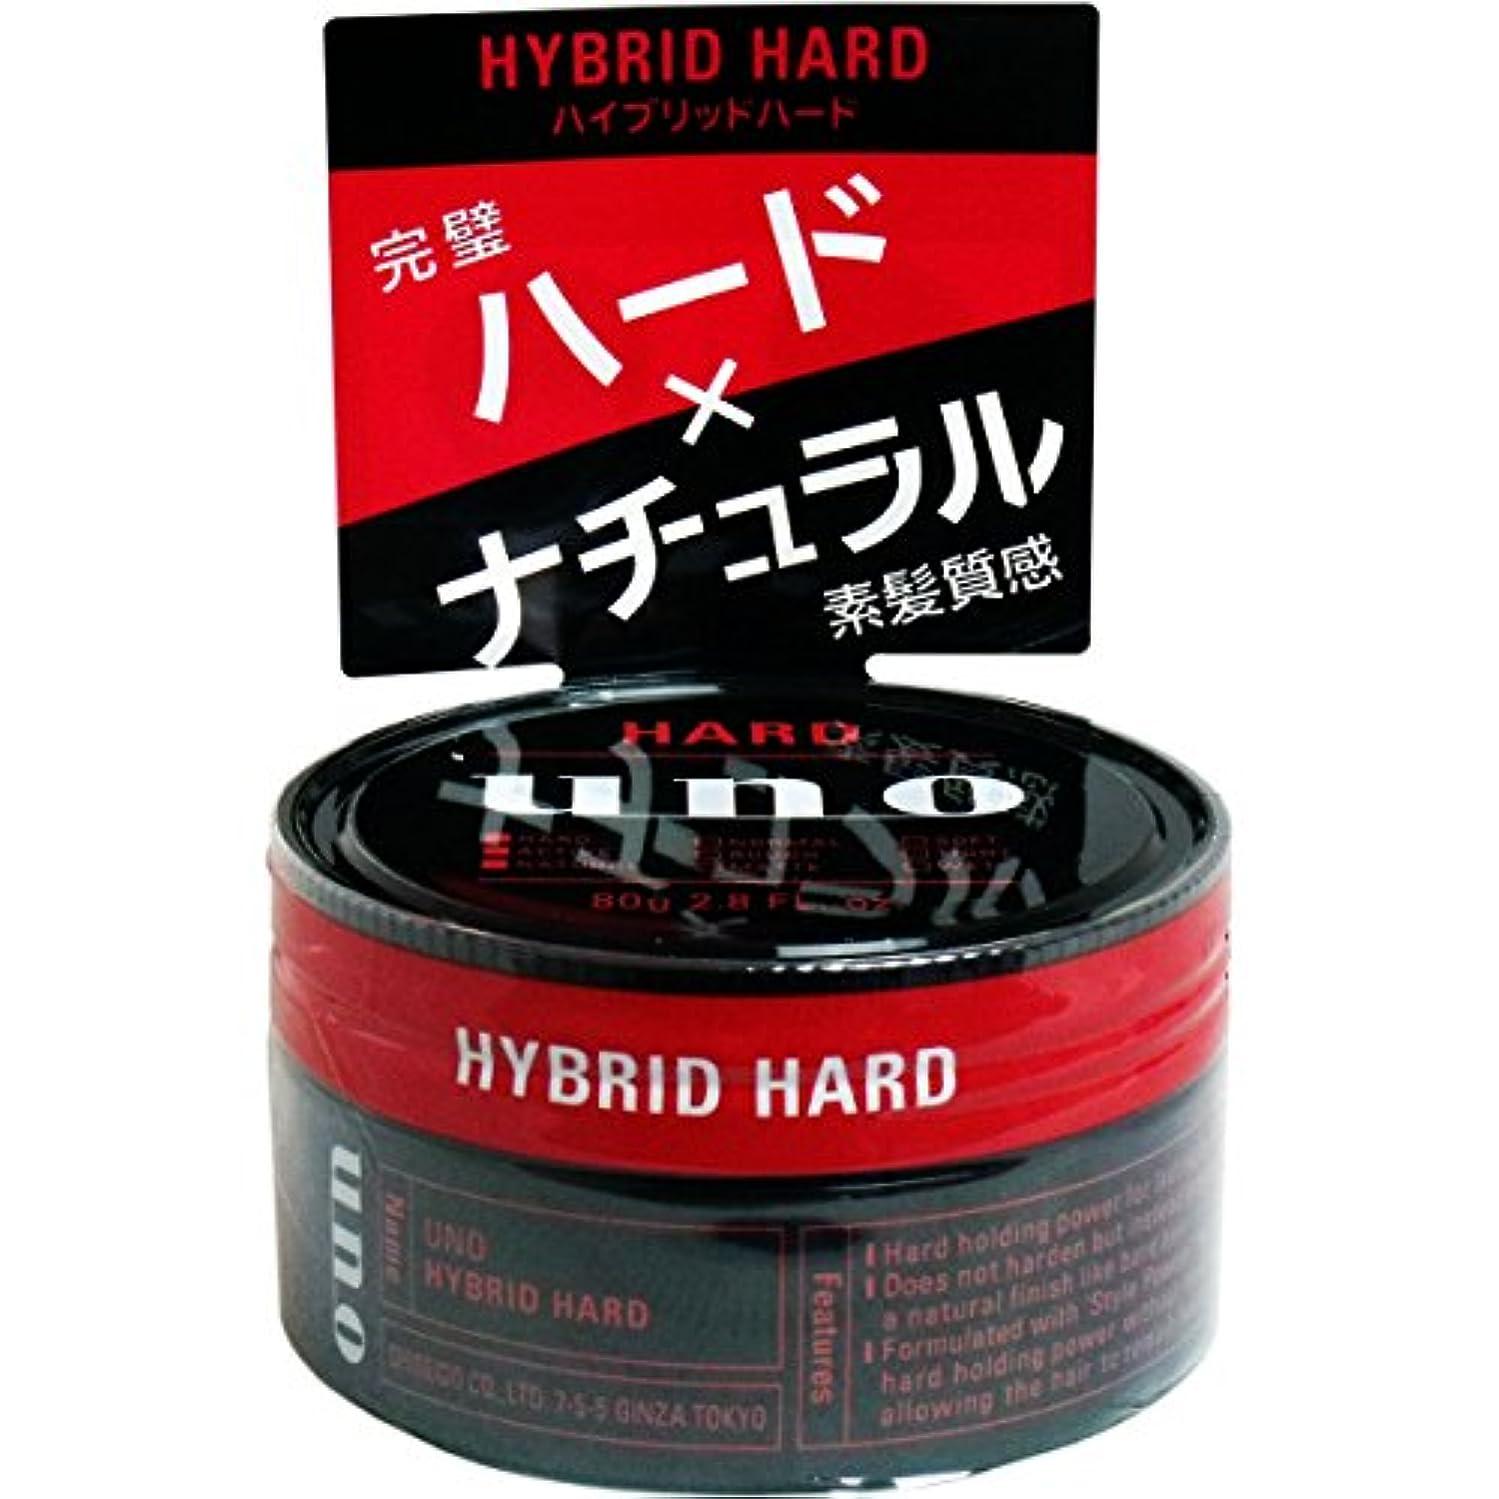 薬用群集疑問を超えて【セット品】ウーノ ハイブリッドハード 80g ワックス×12個